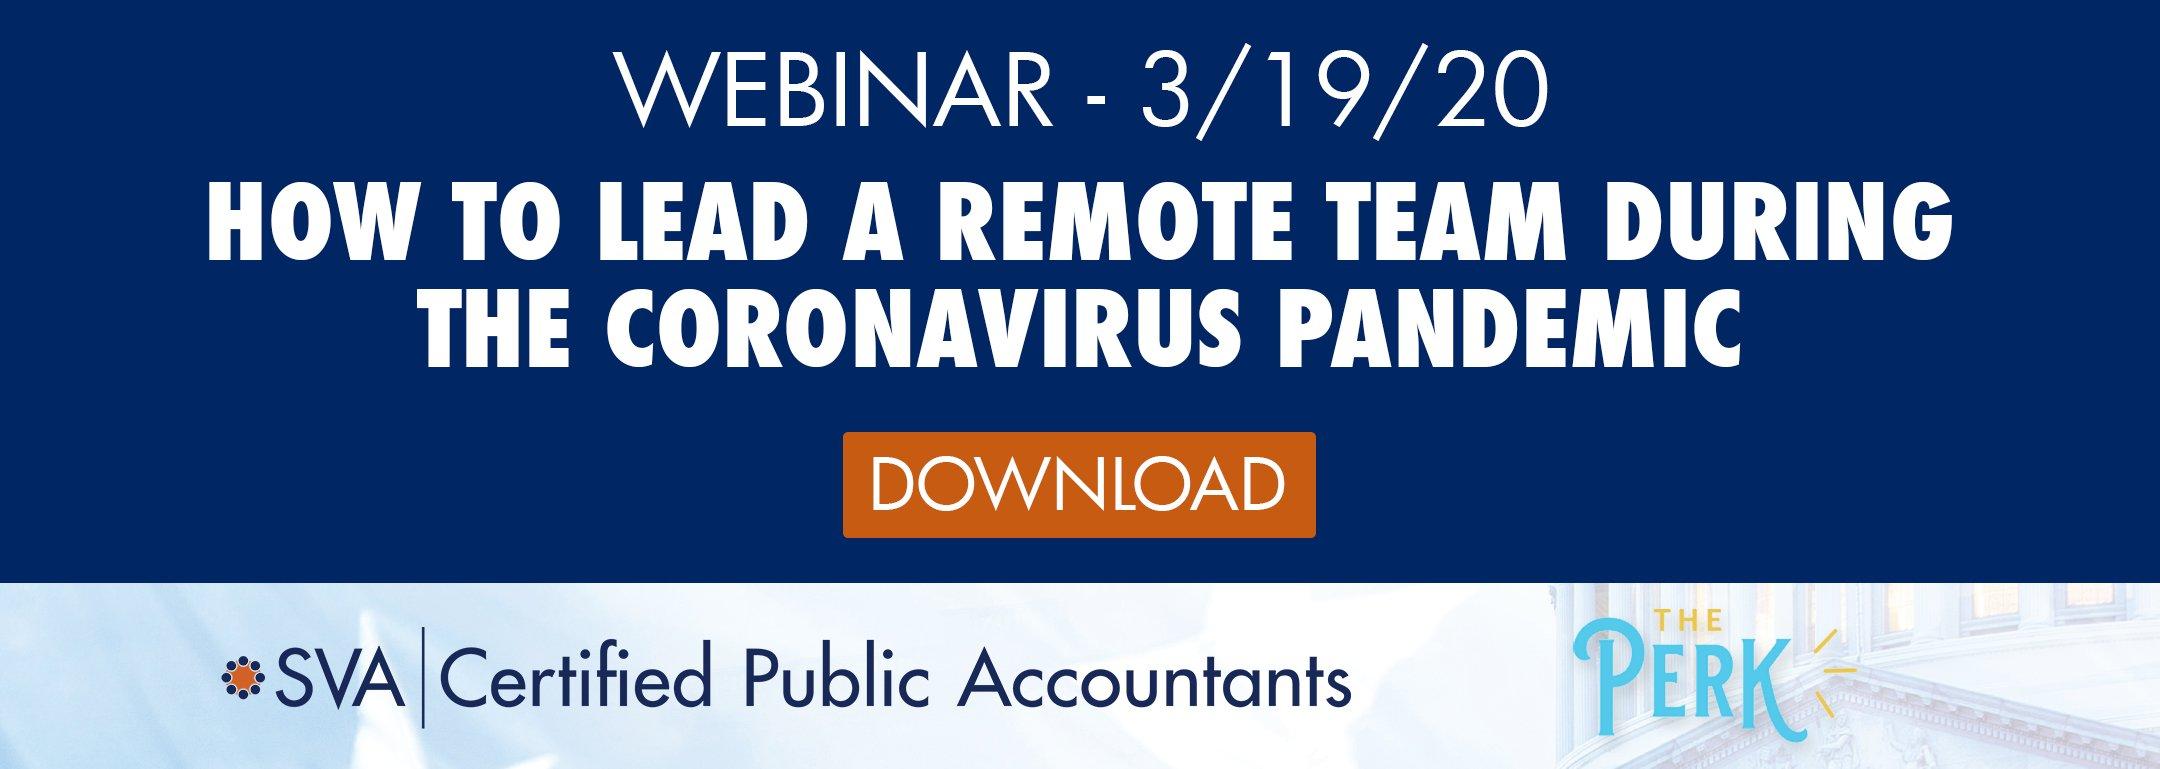 how-to-lead-remote-team-webinar-eventbrite-v2-1